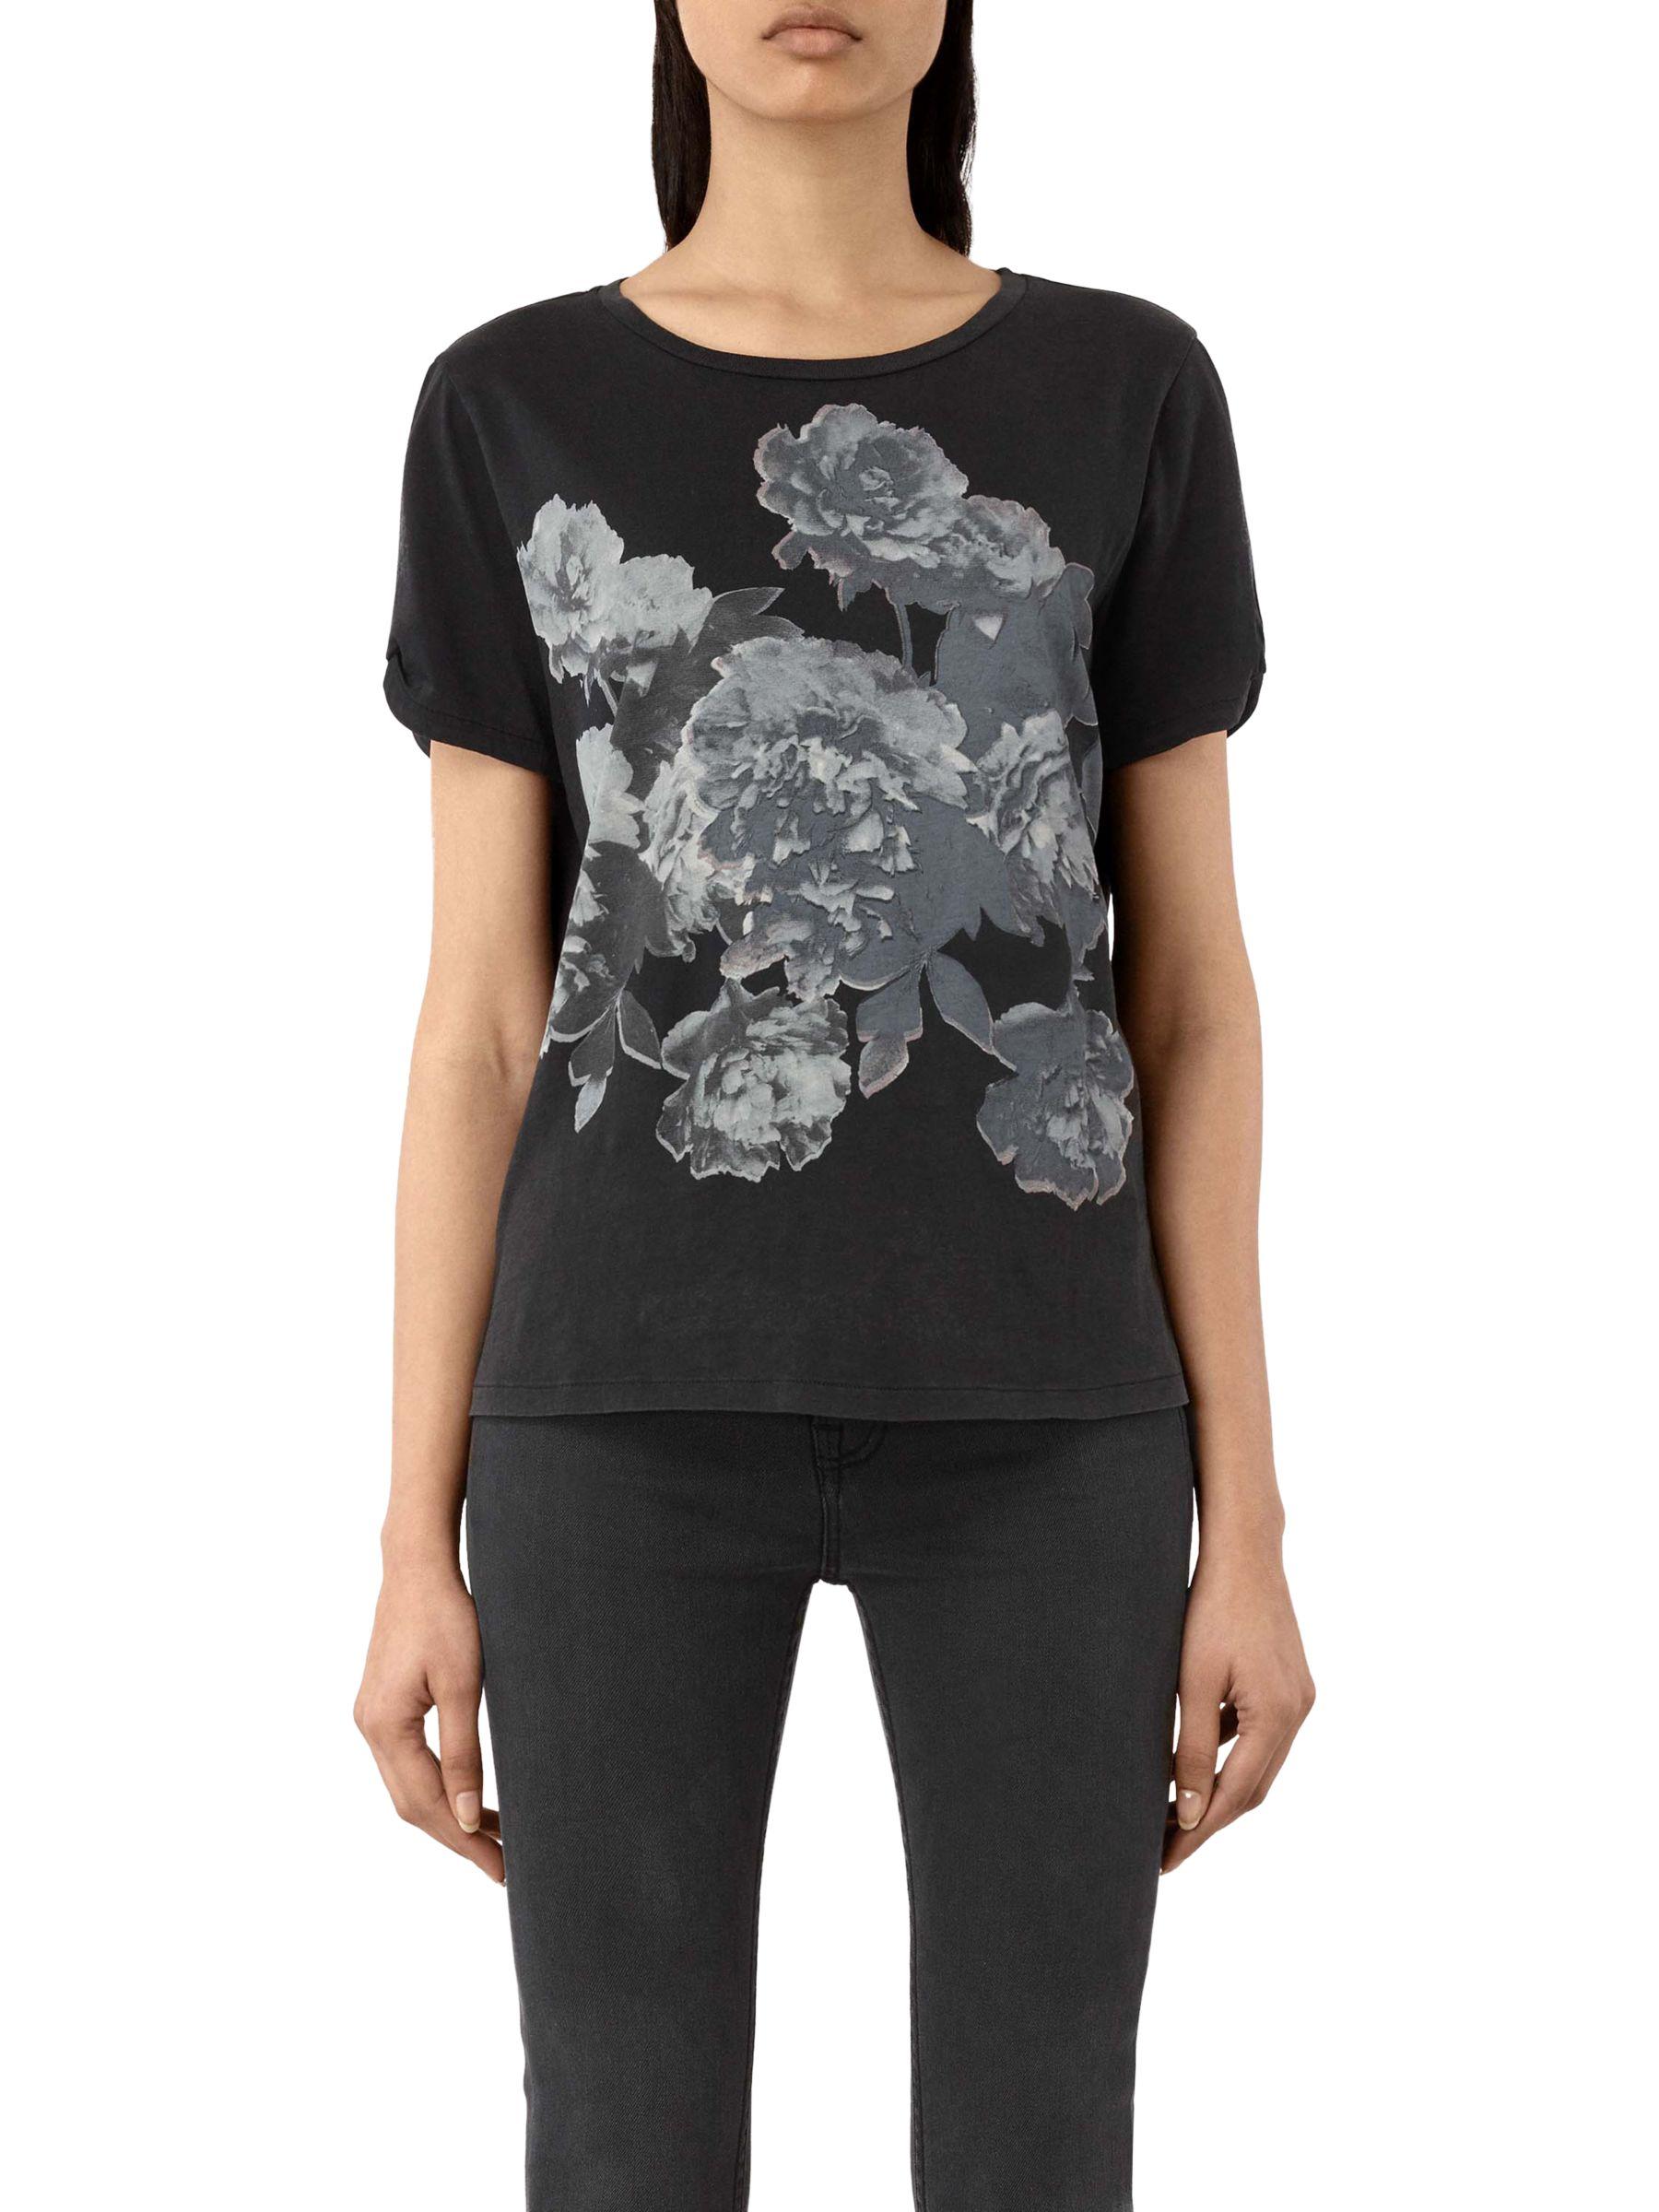 AllSaints AllSaints Carnea Mazzy T-Shirt, Fadeout Black